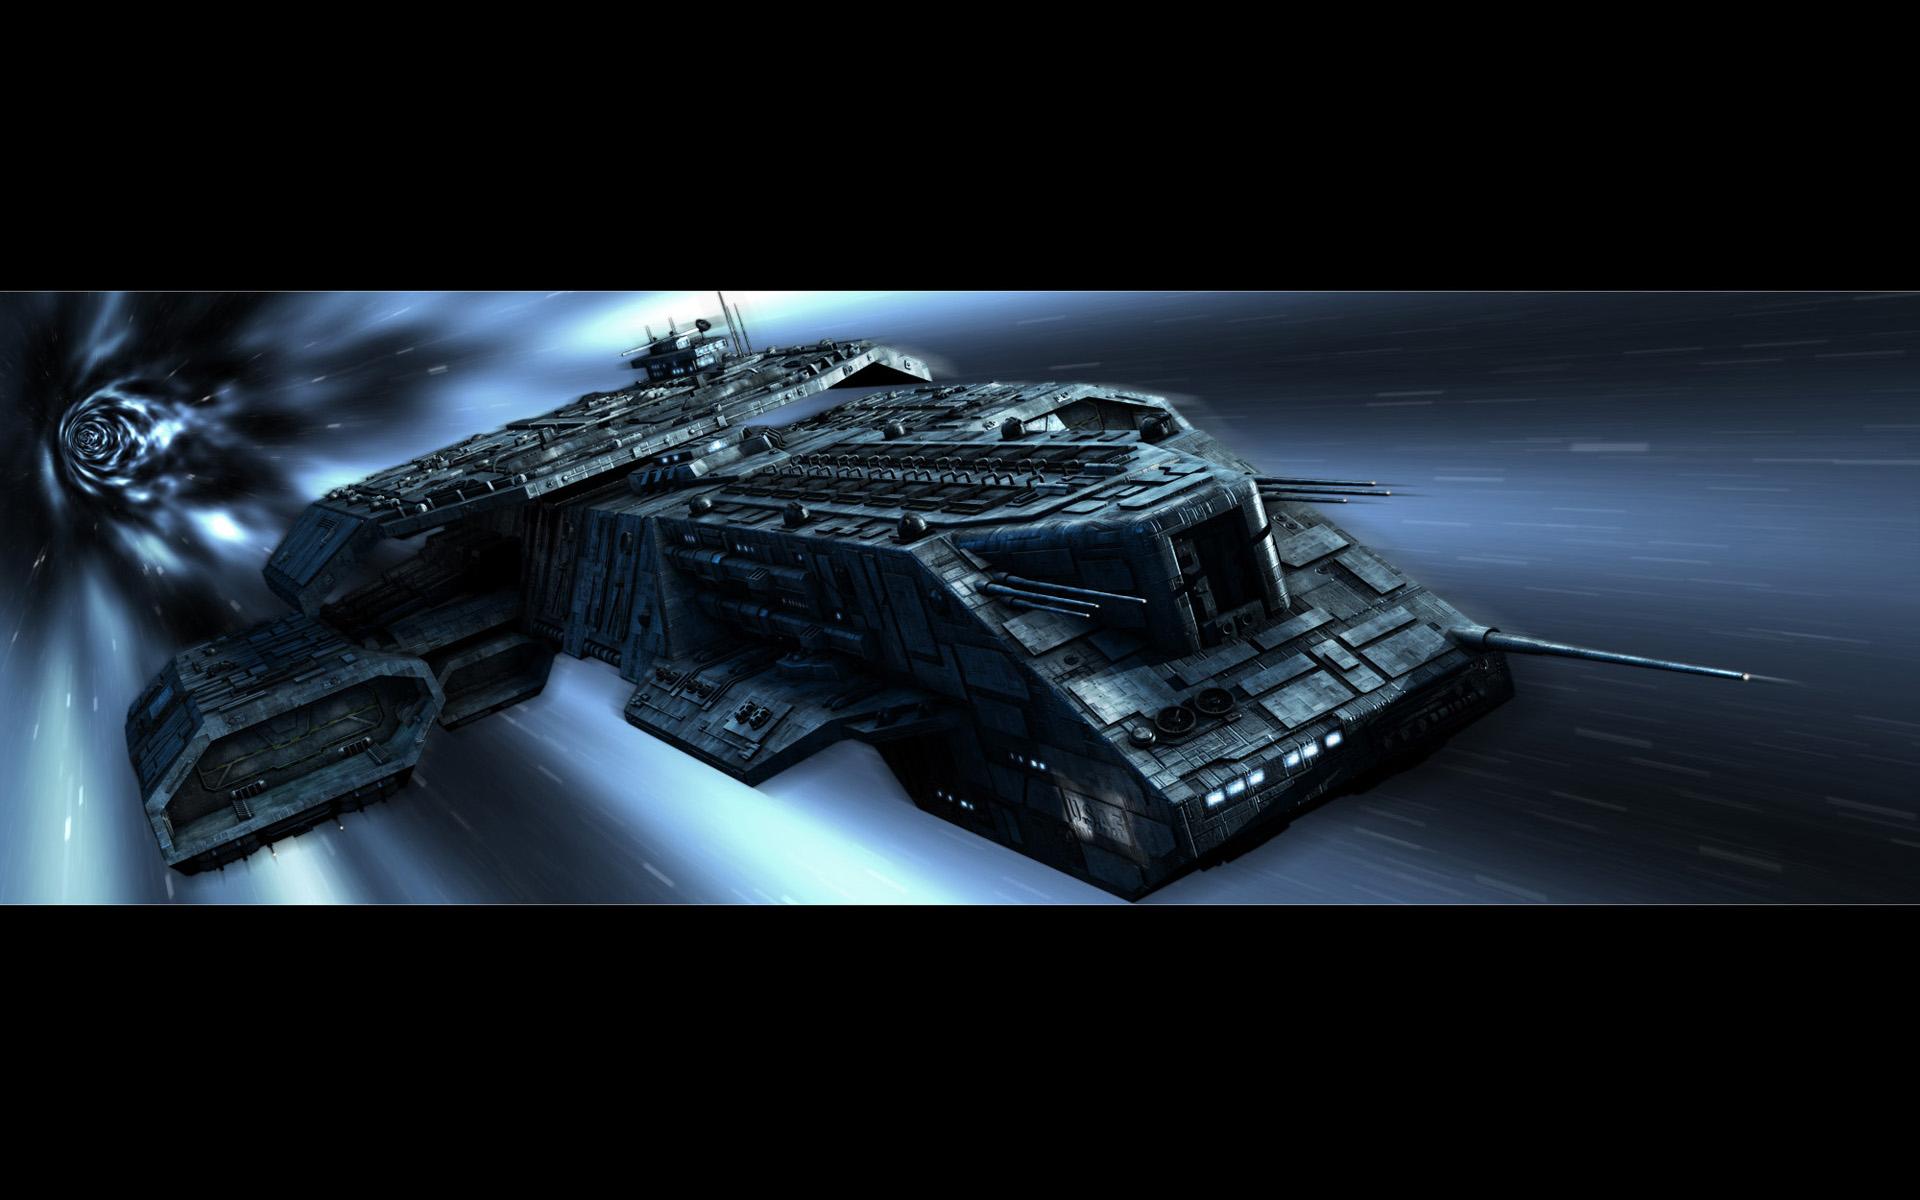 sci fi space shuttle craft - photo #5